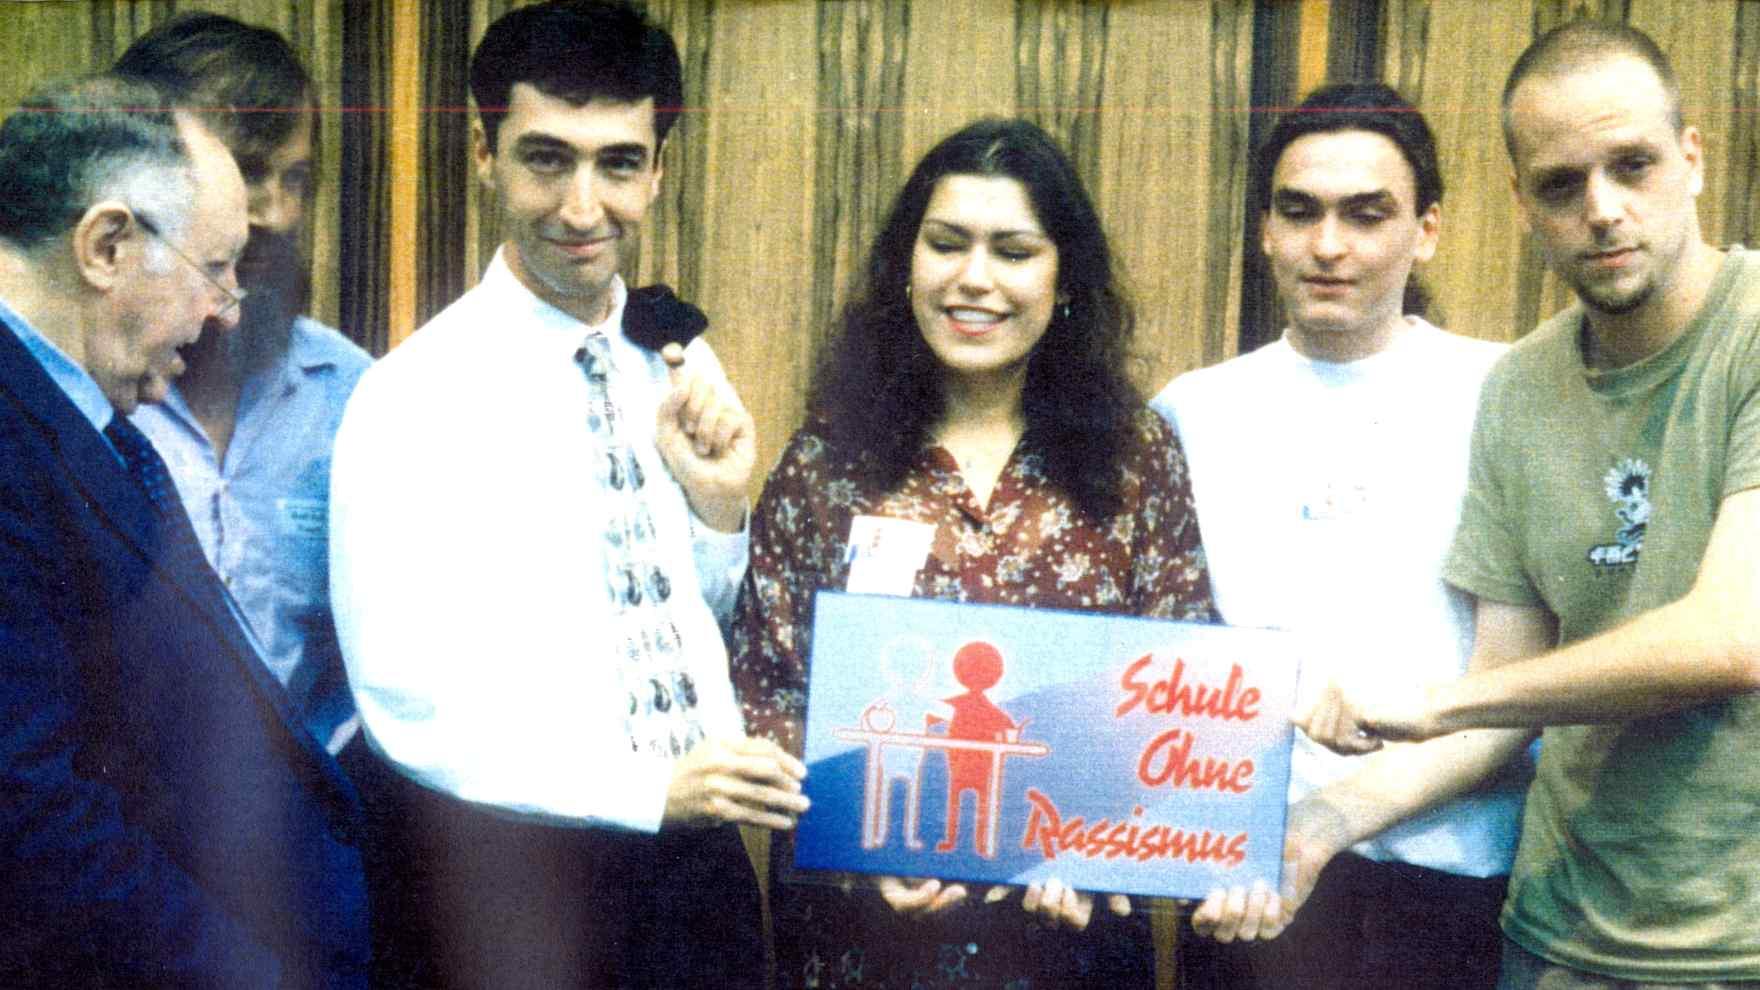 Pressekonferenz 1995 mit Bubis